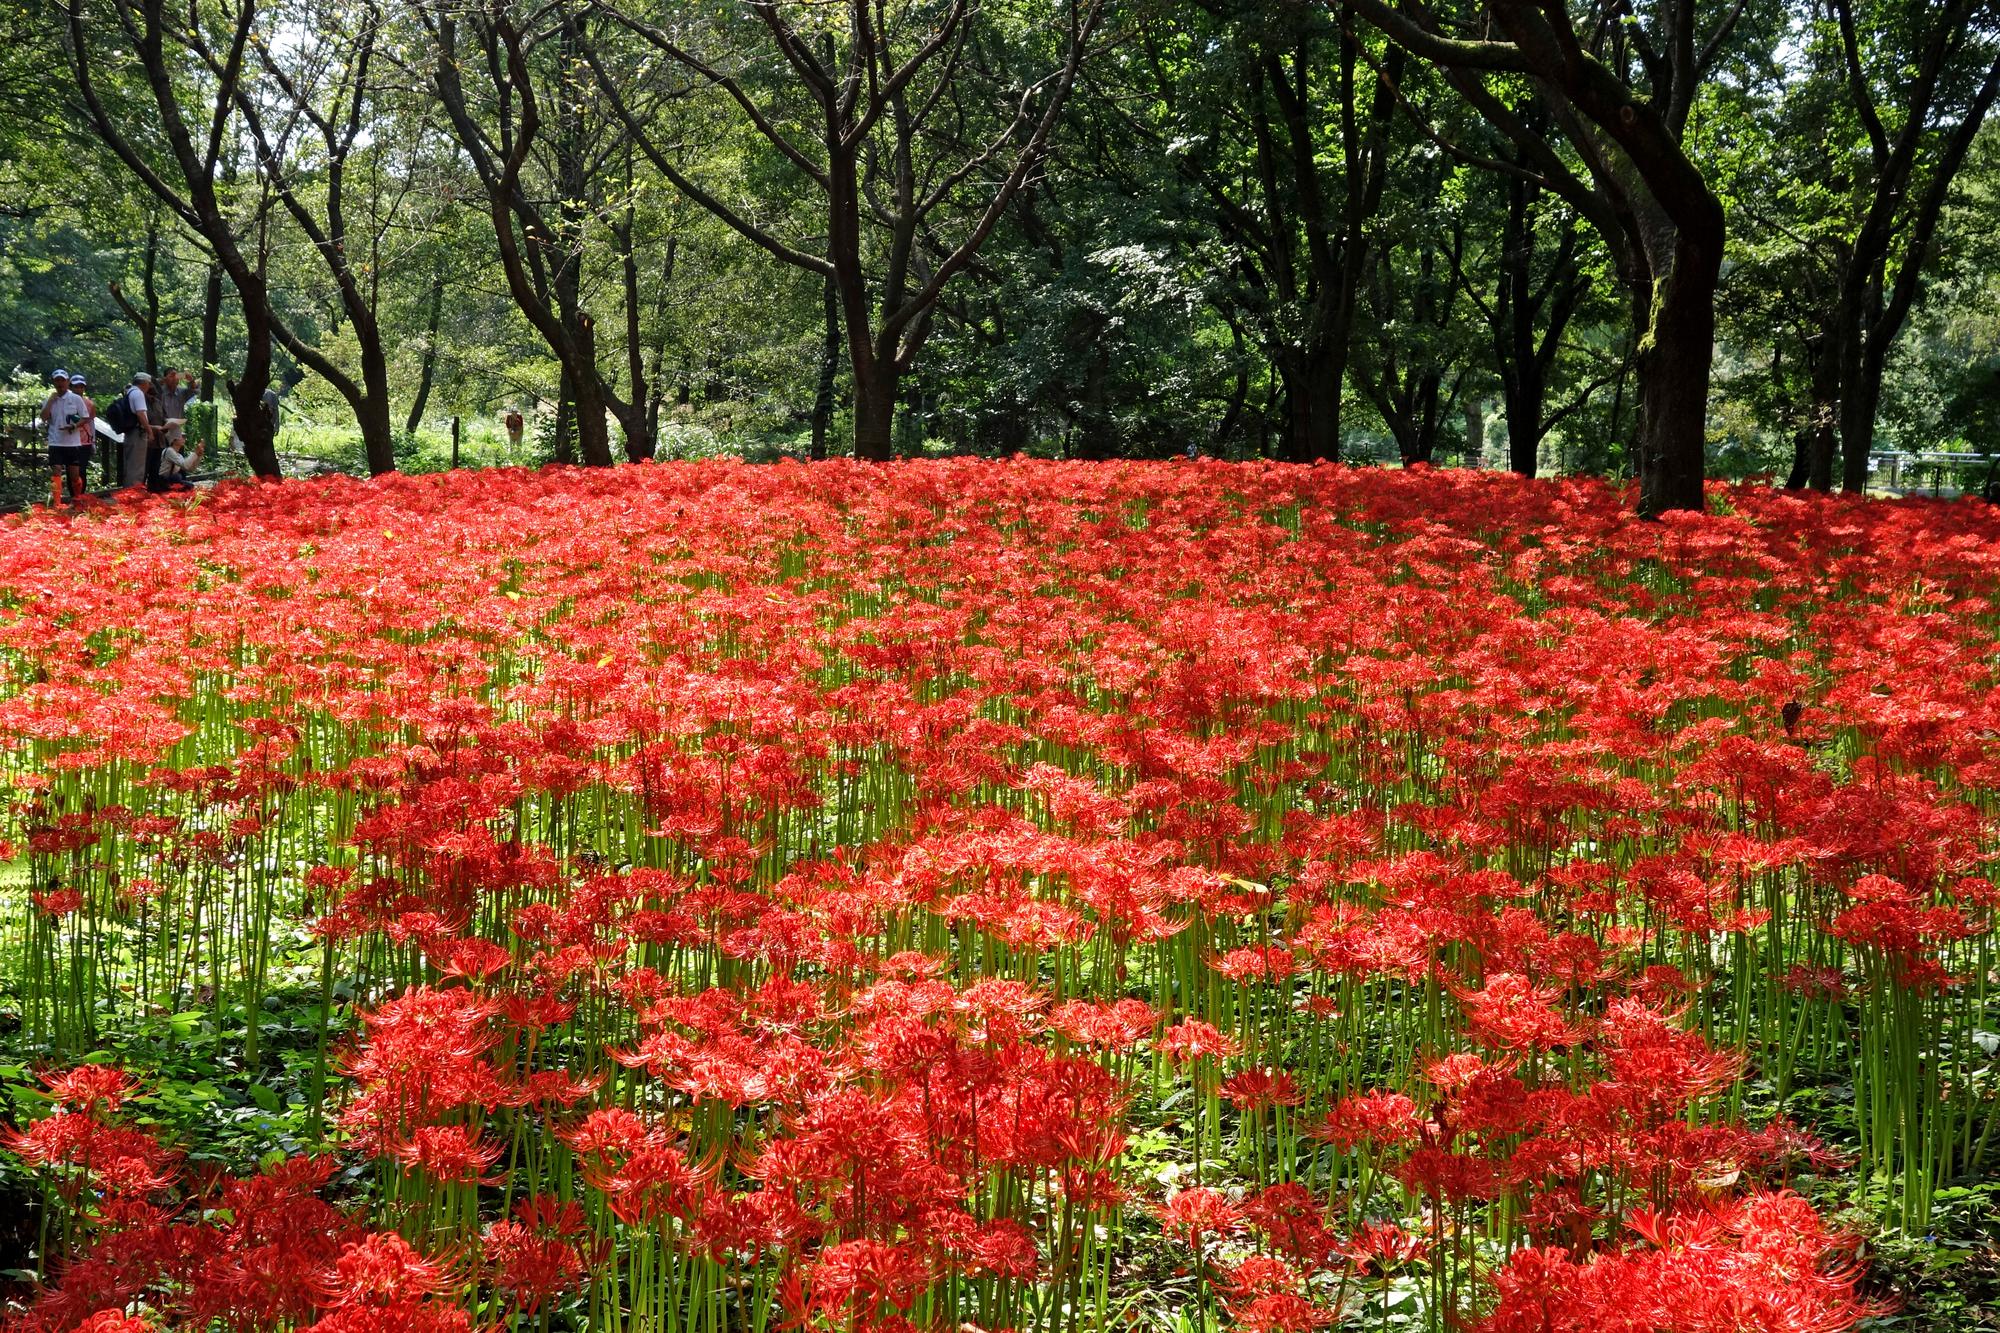 9月 初秋の野川公園で一面のヒガンバナに出合う